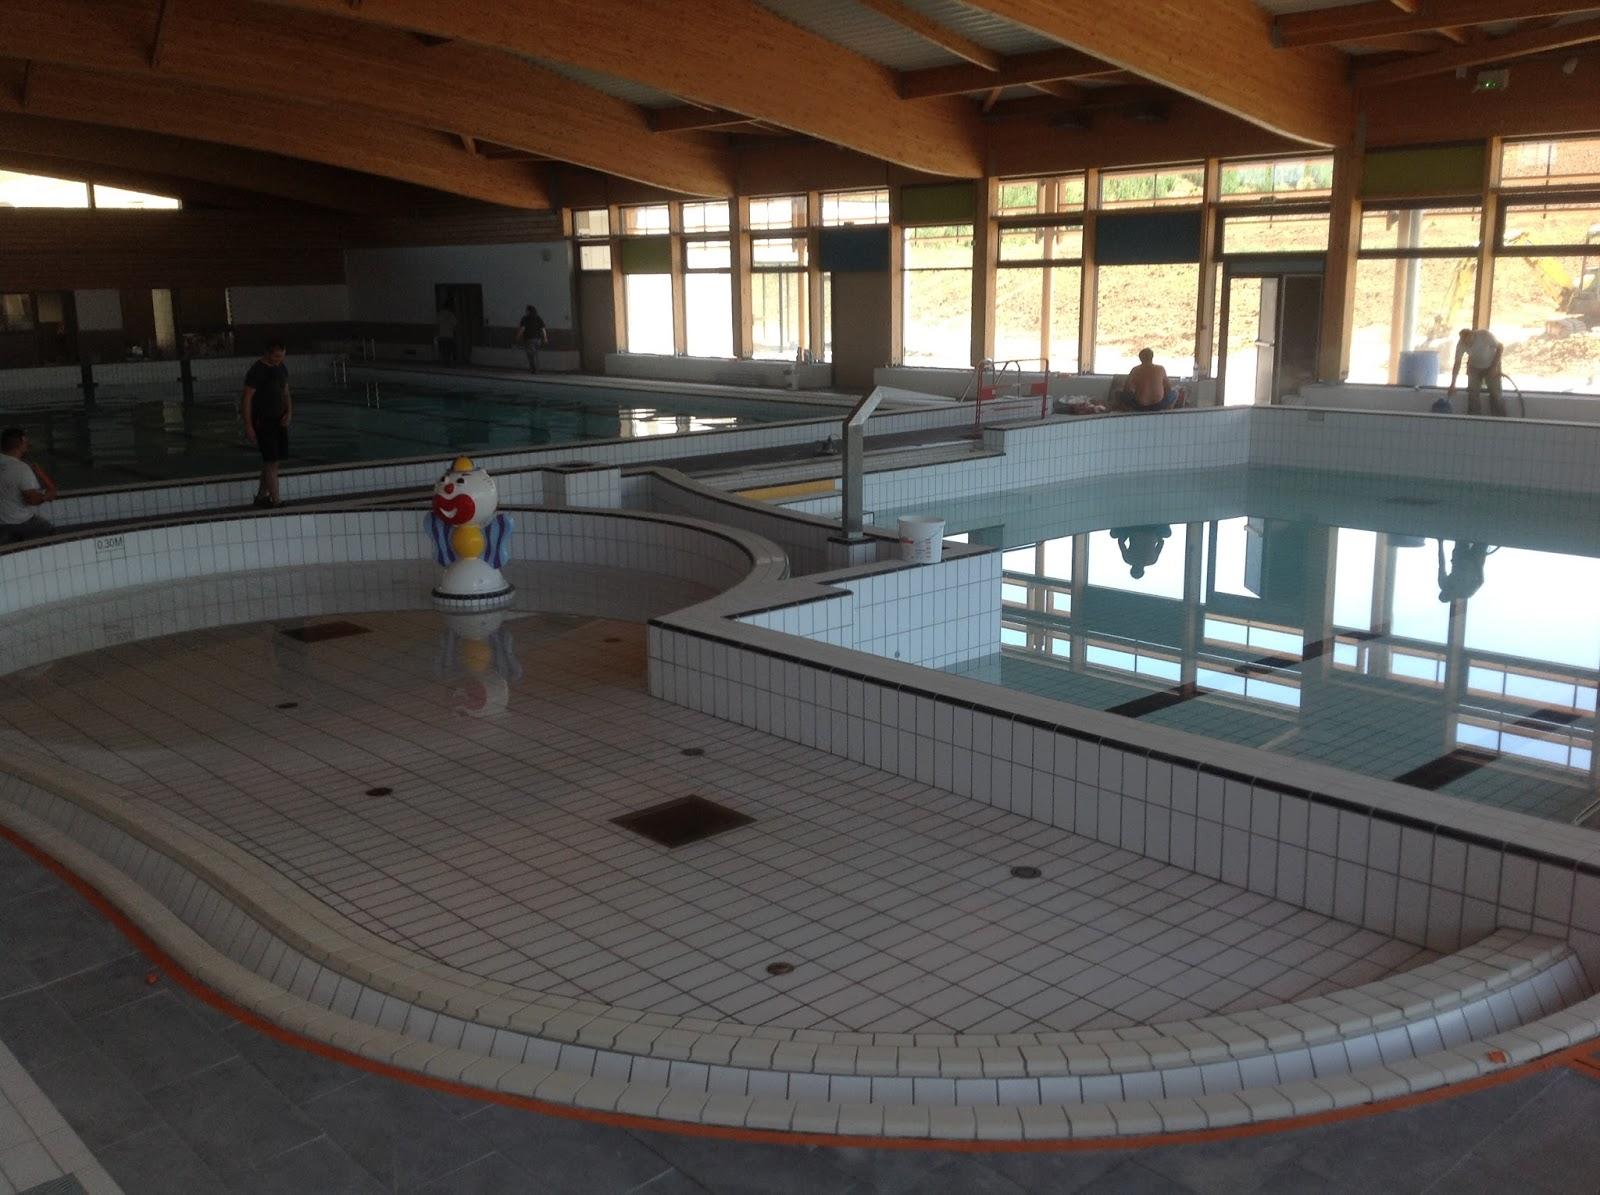 chantier piscine de brioude 43 chm architectes. Black Bedroom Furniture Sets. Home Design Ideas